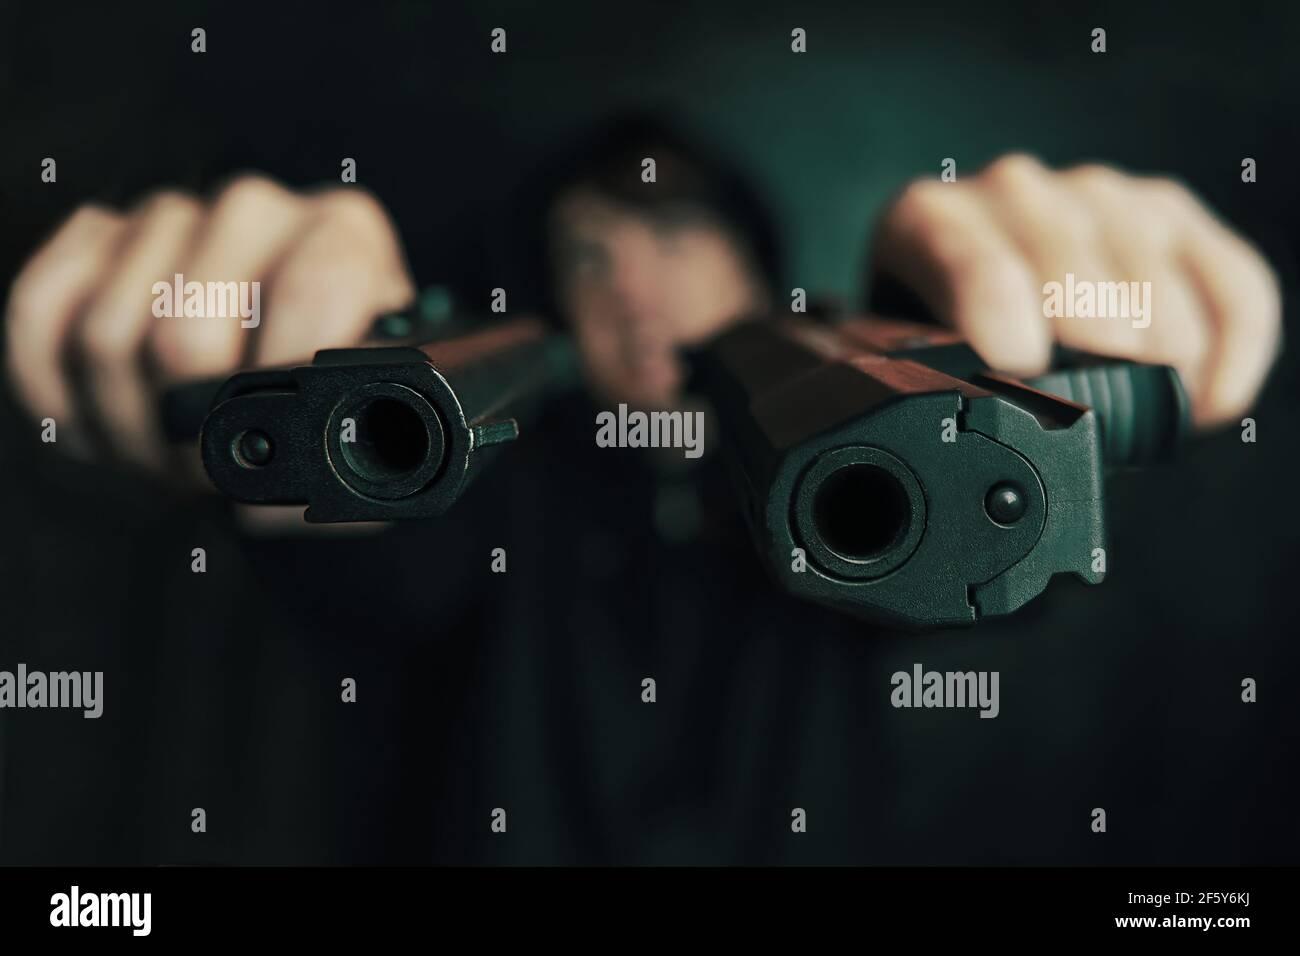 Nahaufnahme von zwei Geschützmuzzles. Guy droht mit Schusswaffe. Zwei Pistolen in Menschenhand sind auf die Kamera gerichtet. Verbrecher mit Waffe. Stockfoto